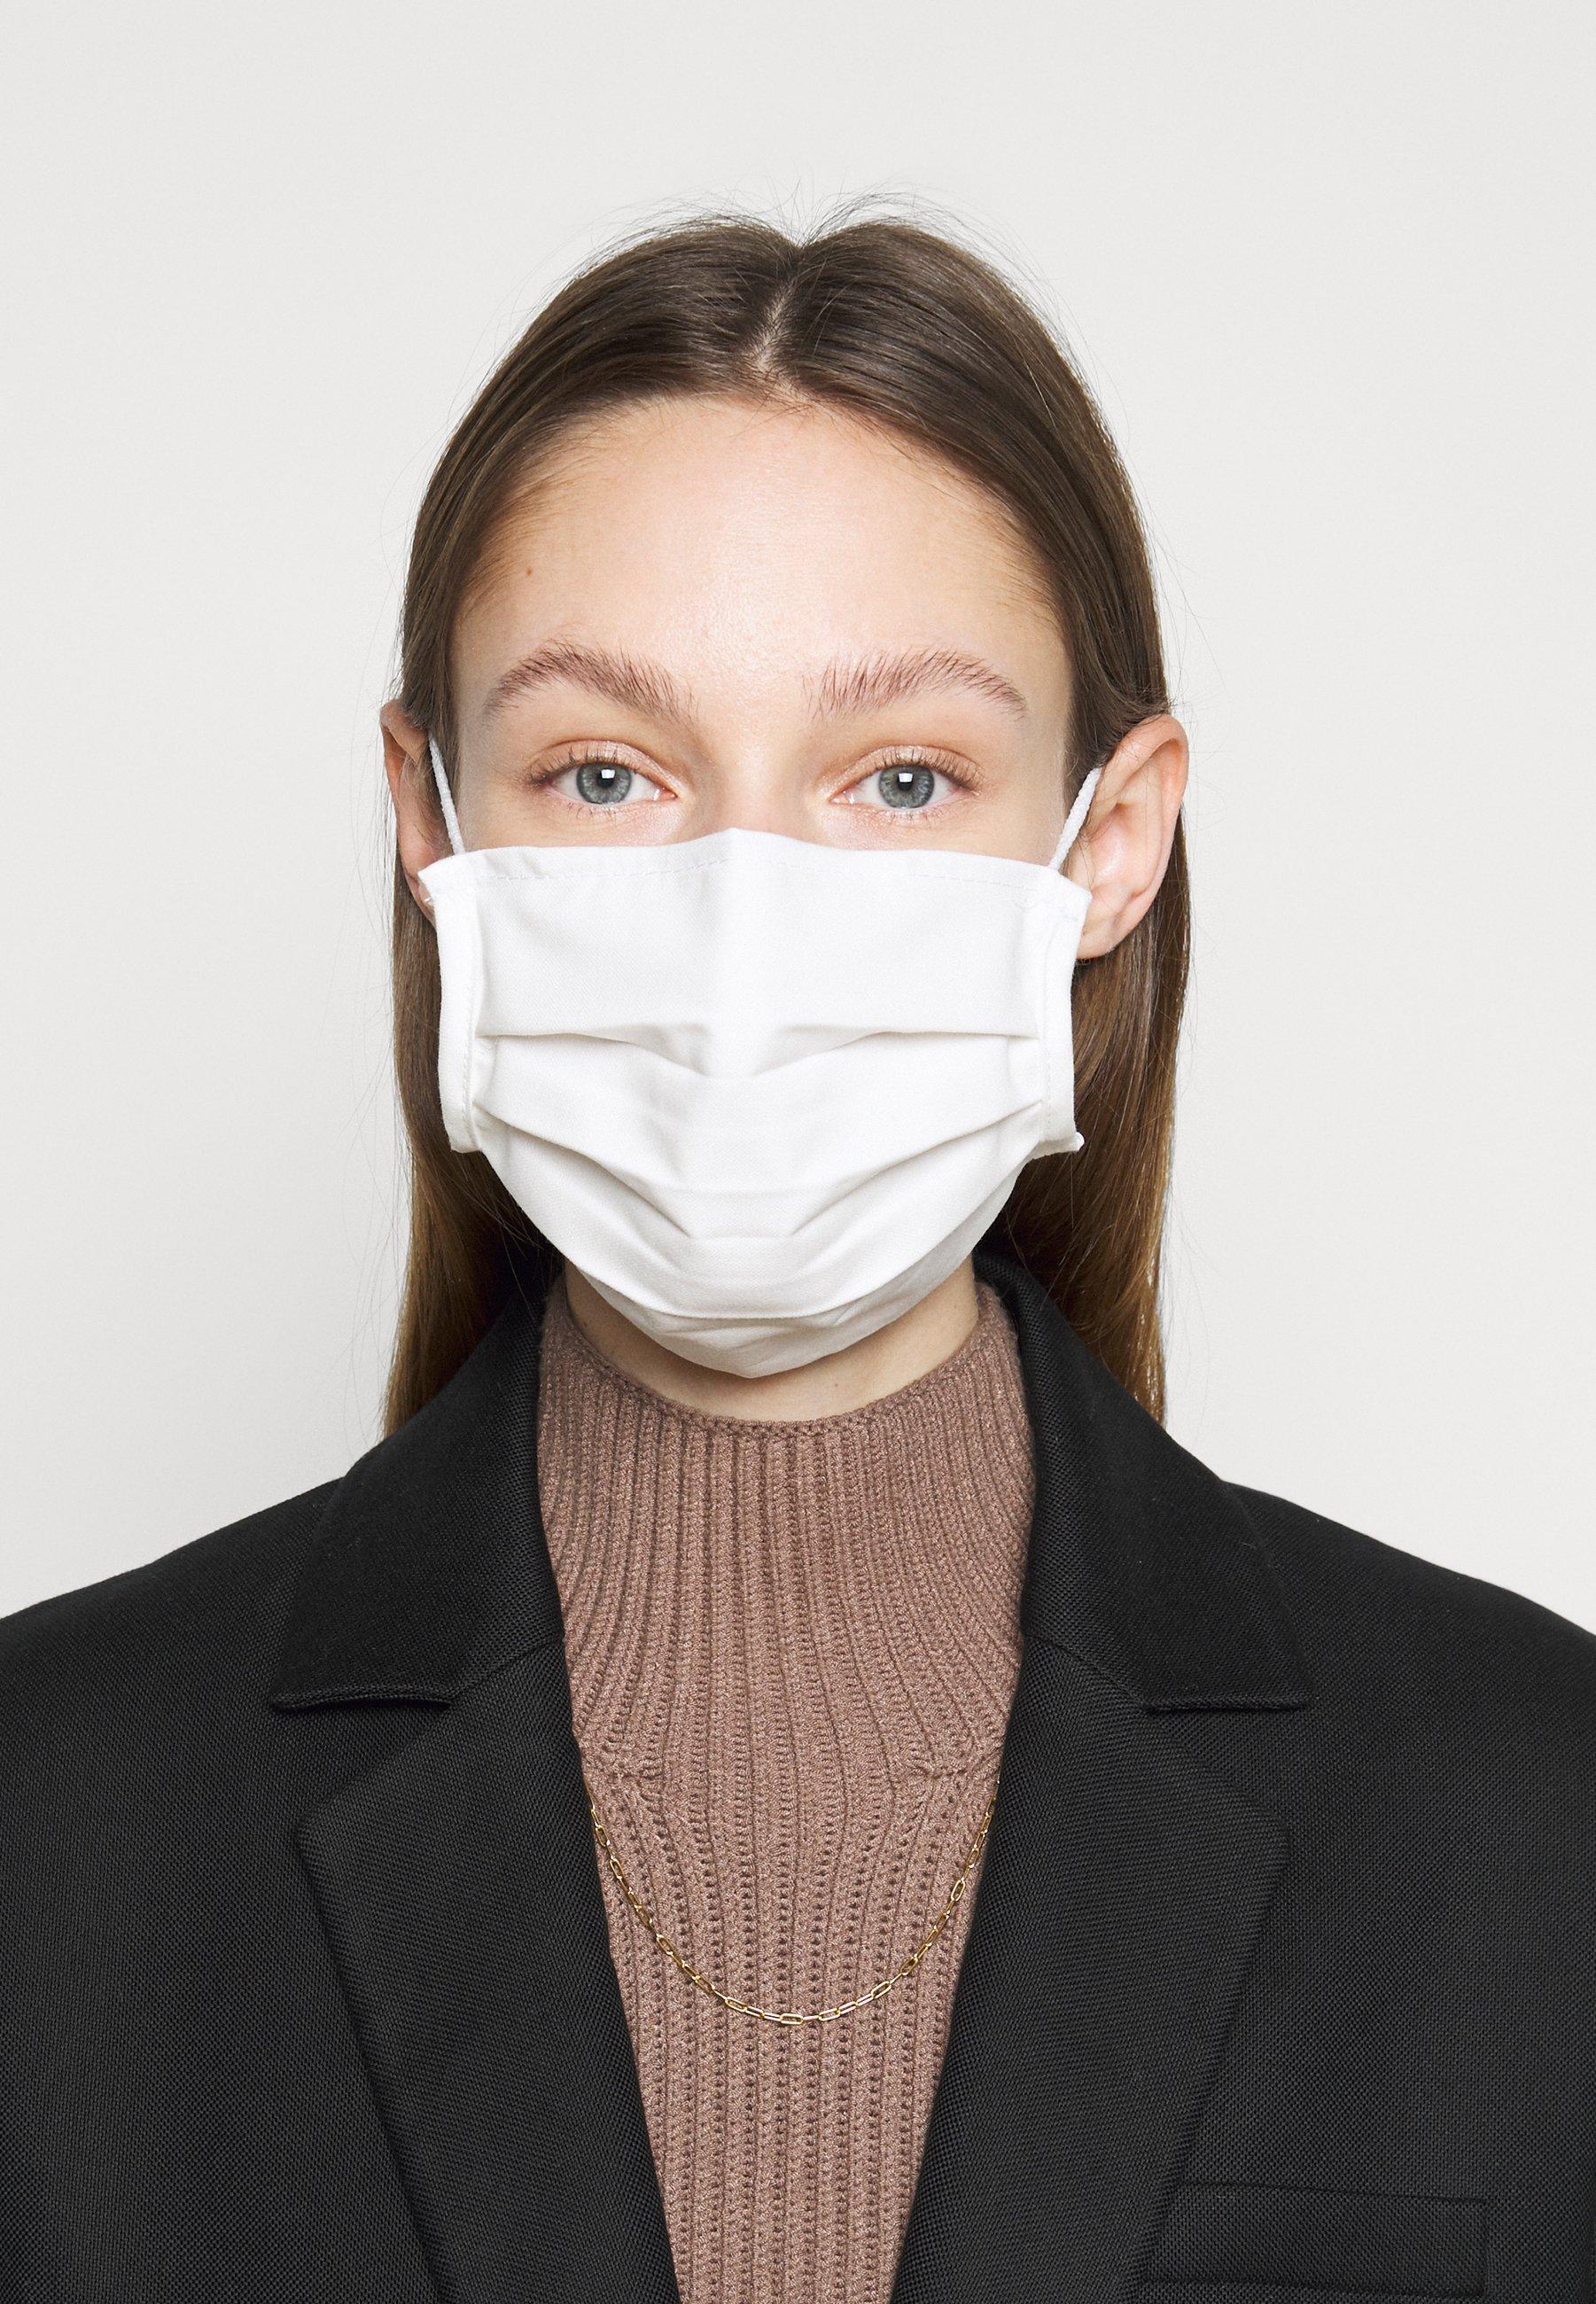 Women FACE MASK UNISEX - Community mask